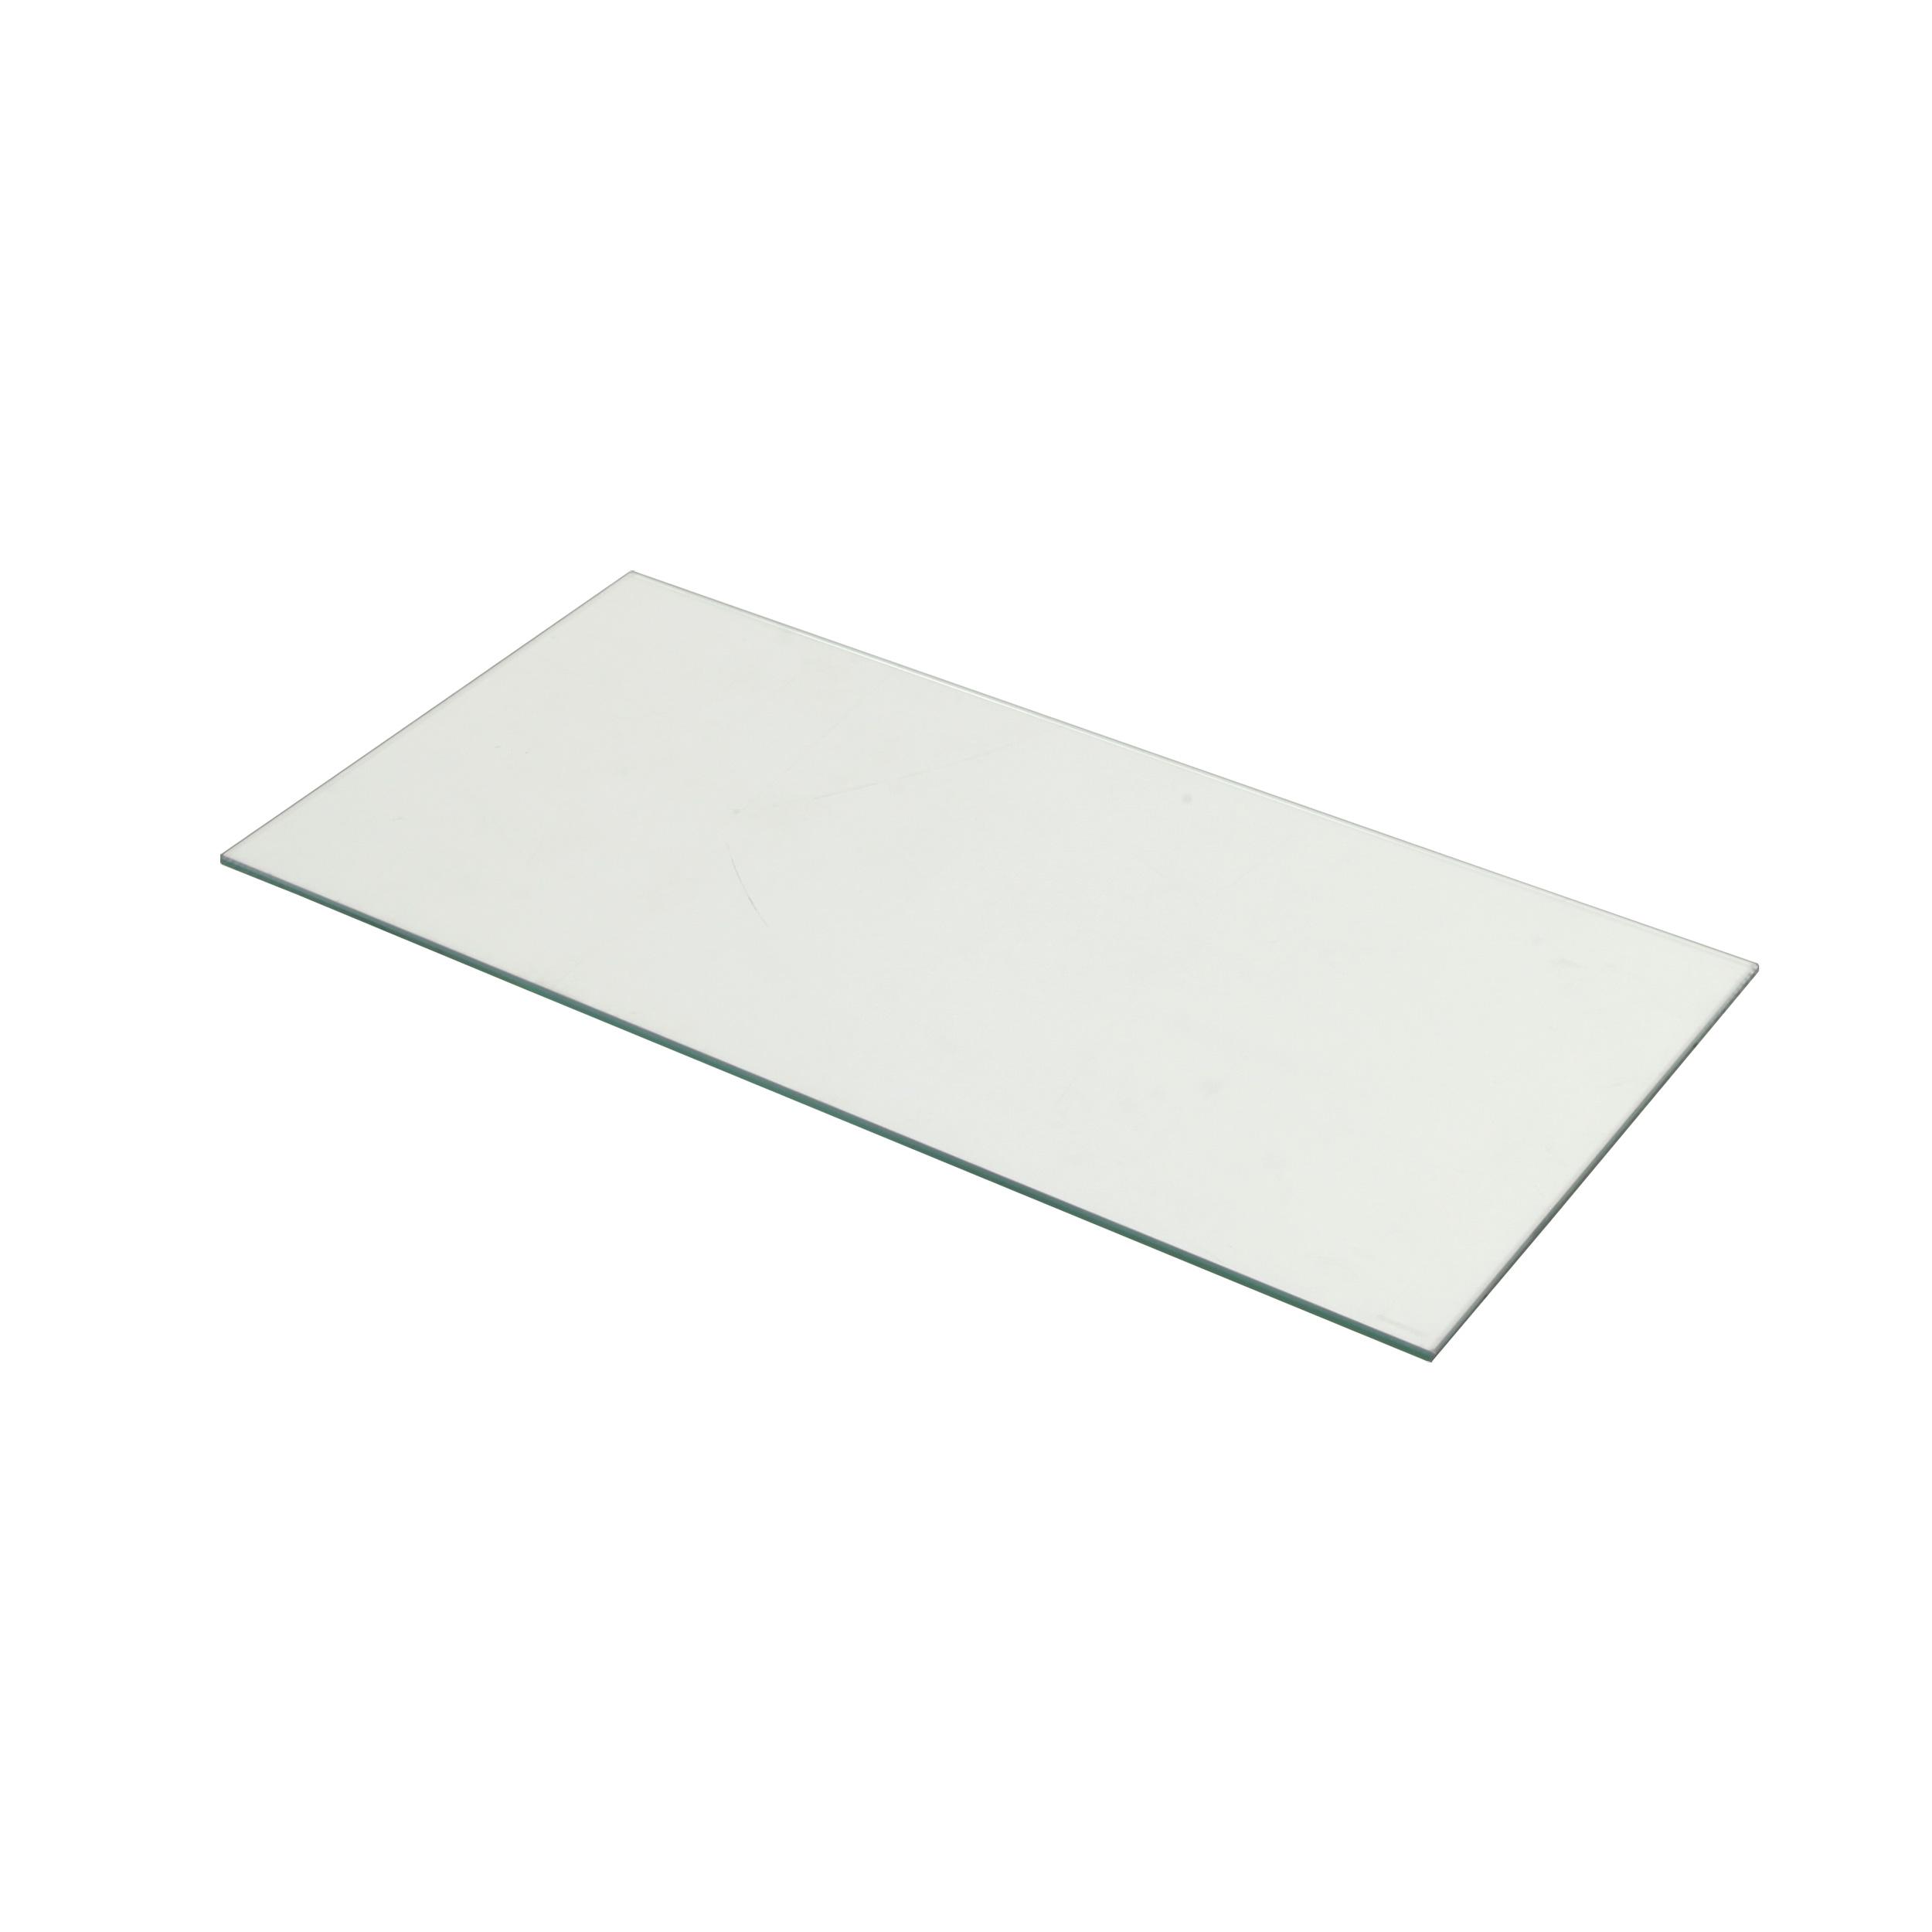 コレクションラックレギュラー専用ガラス棚板 1枚 奥行29cm用